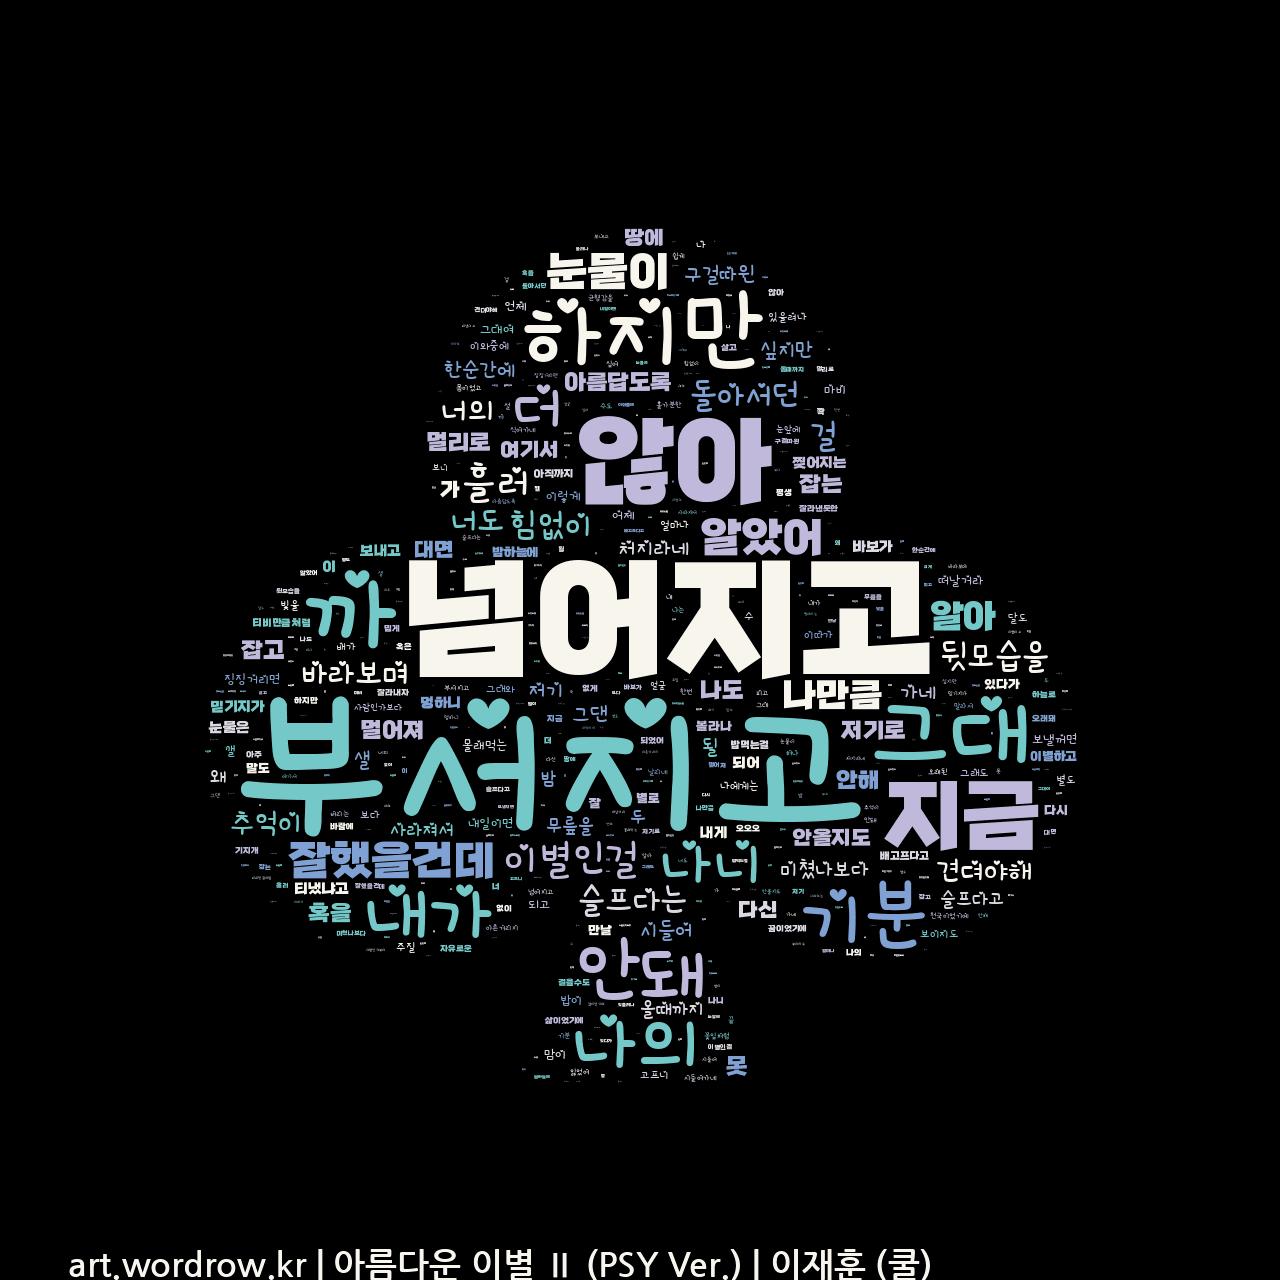 워드 클라우드: 아름다운 이별 Ⅱ (PSY Ver.) [이재훈 (쿨)]-48